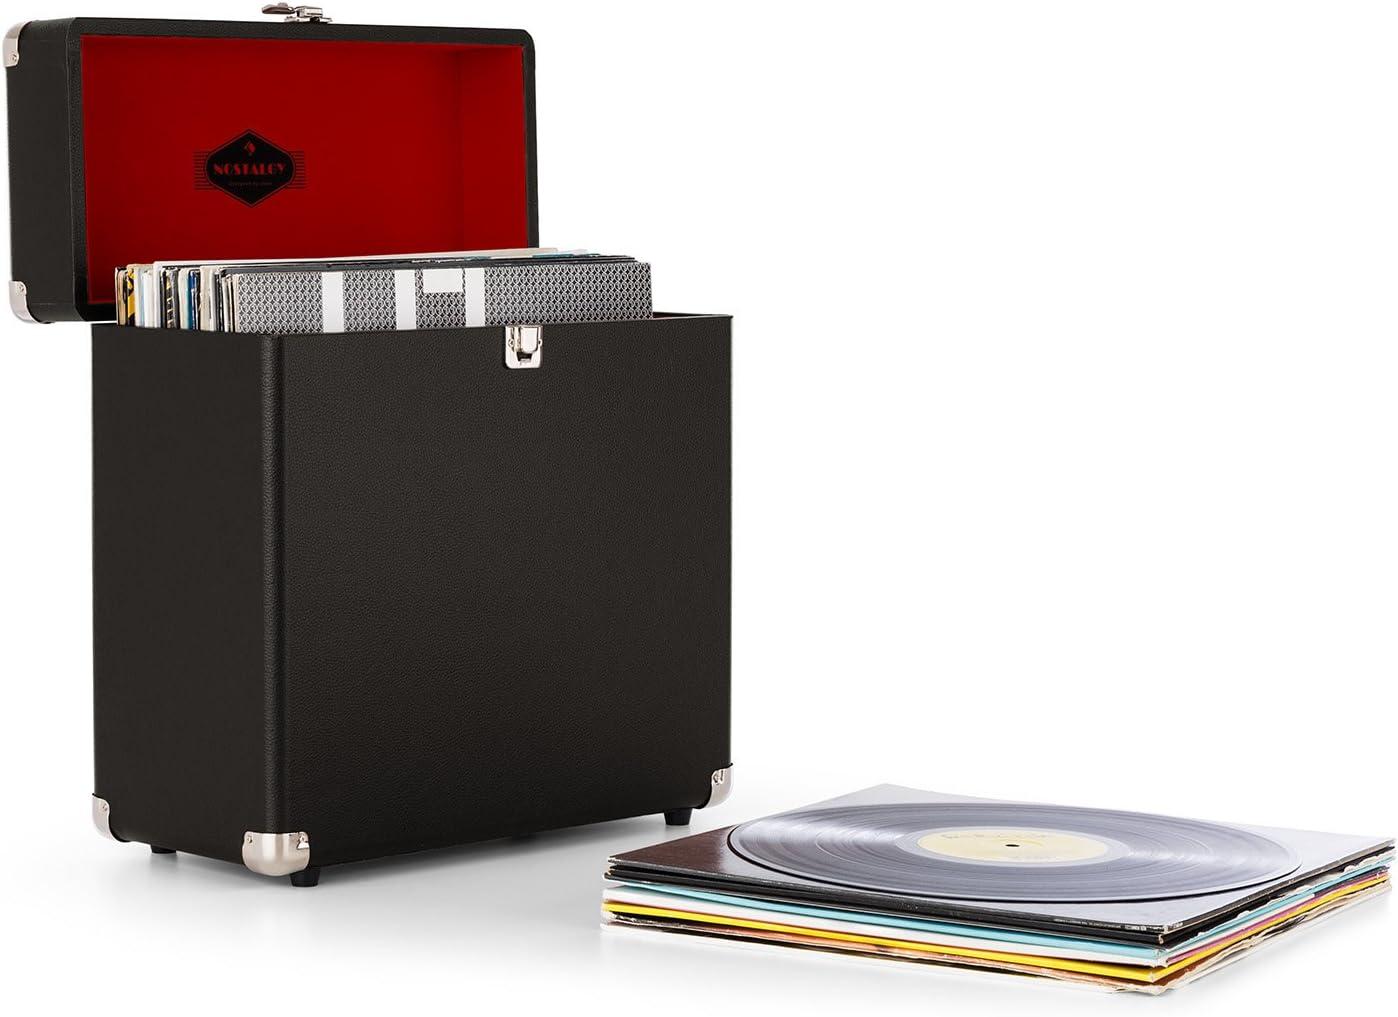 auna VinylBox Maleta Transporte Vinilo (Caja portátil Discos, 30Lp Capacidad, Interior Acolchado Aterciopelado, Cantos metálicos Resistentes Golpes, diseño Vintage) - Negro